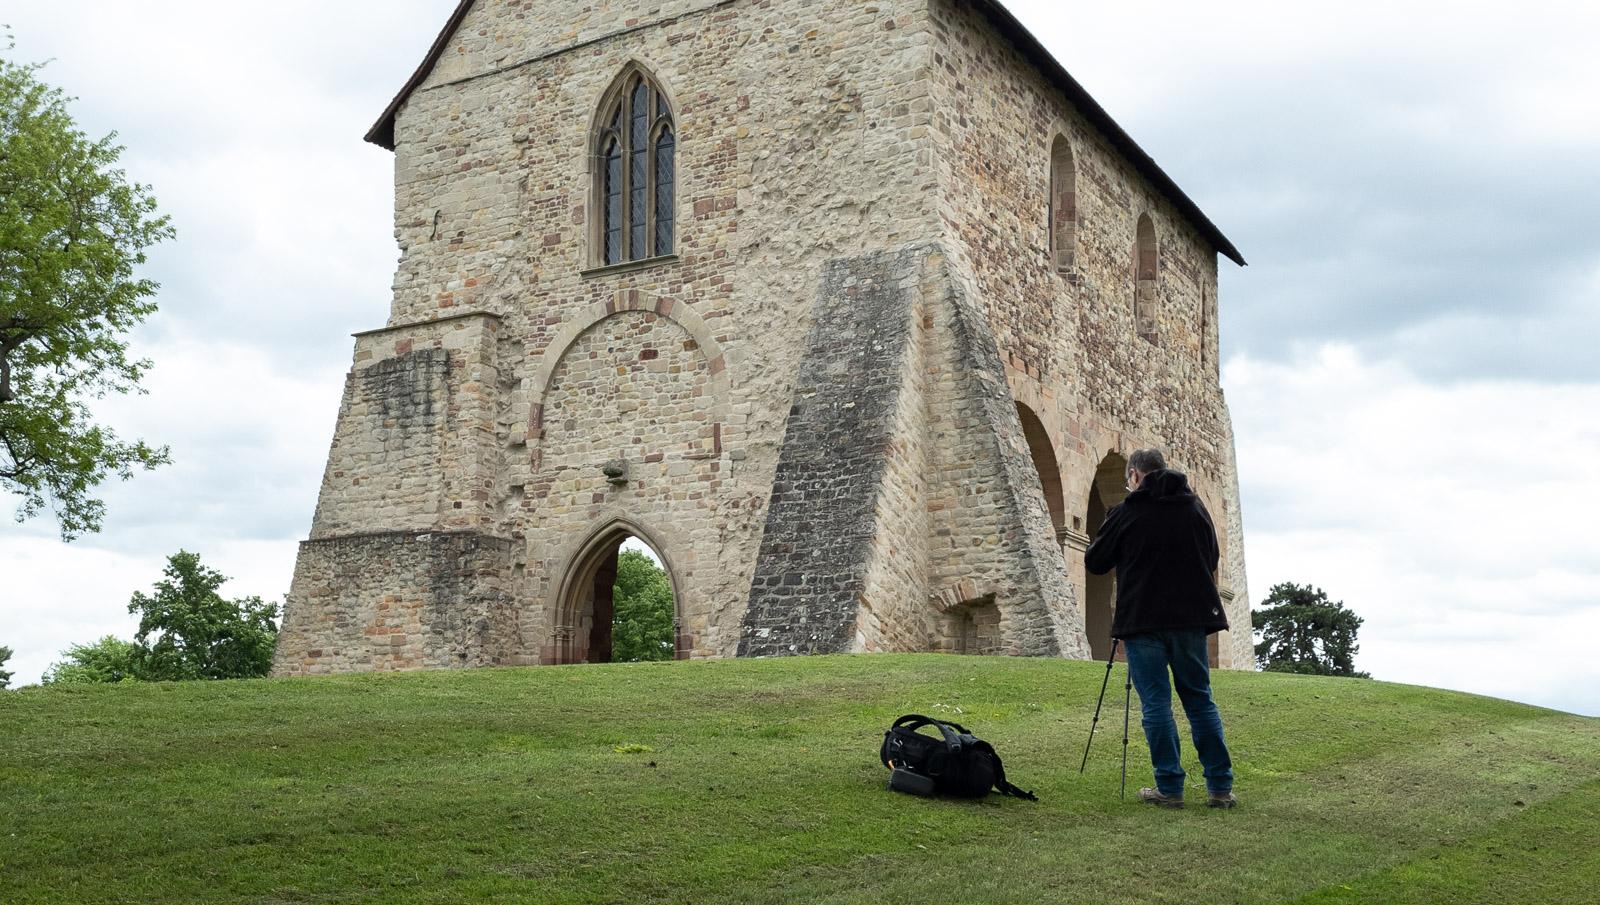 Fotograf steht mit einer Kamera auf einem Stativ vor dem Kloster Lorsch